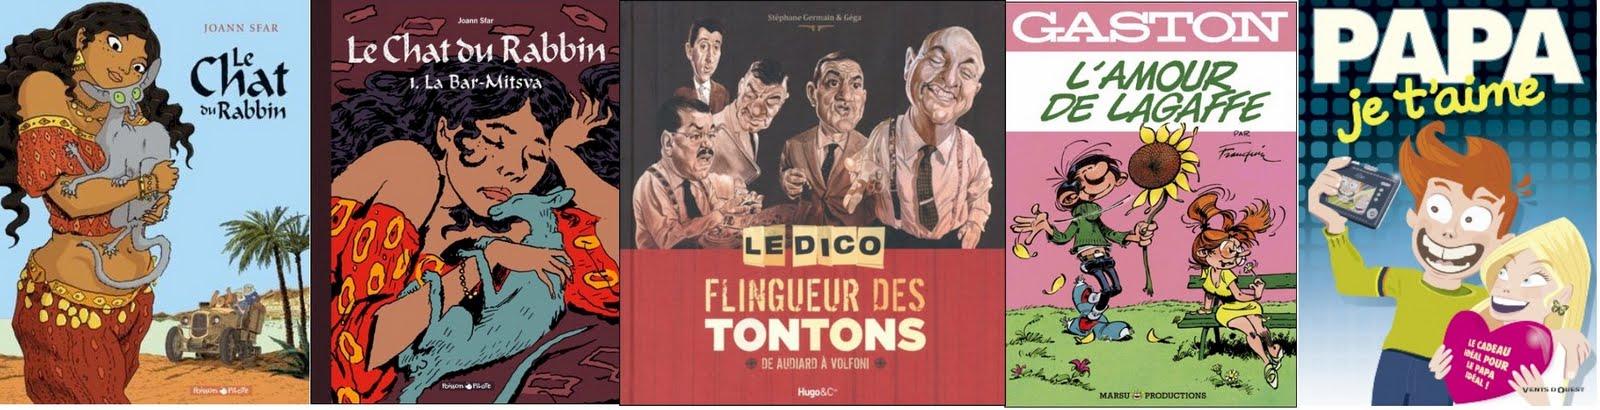 Le blog bd de manuel picaud meilleures ventes bd hebdomadaires au 26 juin 2011 - Tonton flingueur cuisine ...